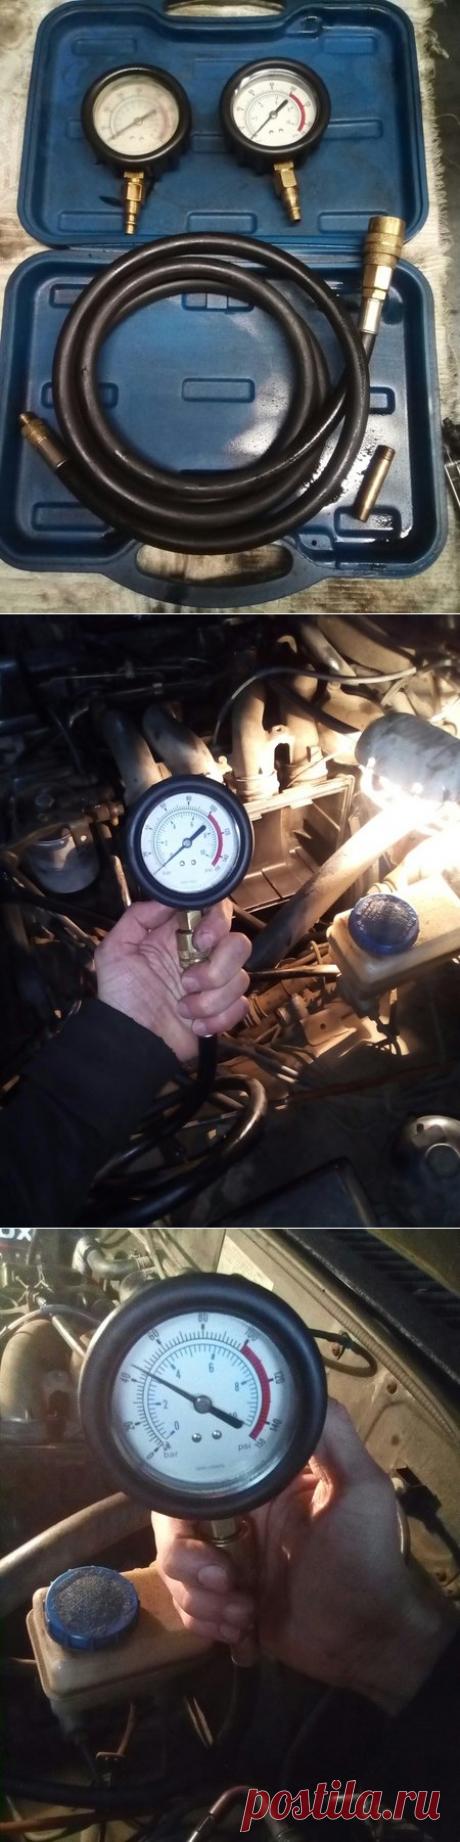 Как измерить давление масла в двигателе самостоятельно | Заметки автомеханика | Яндекс Дзен